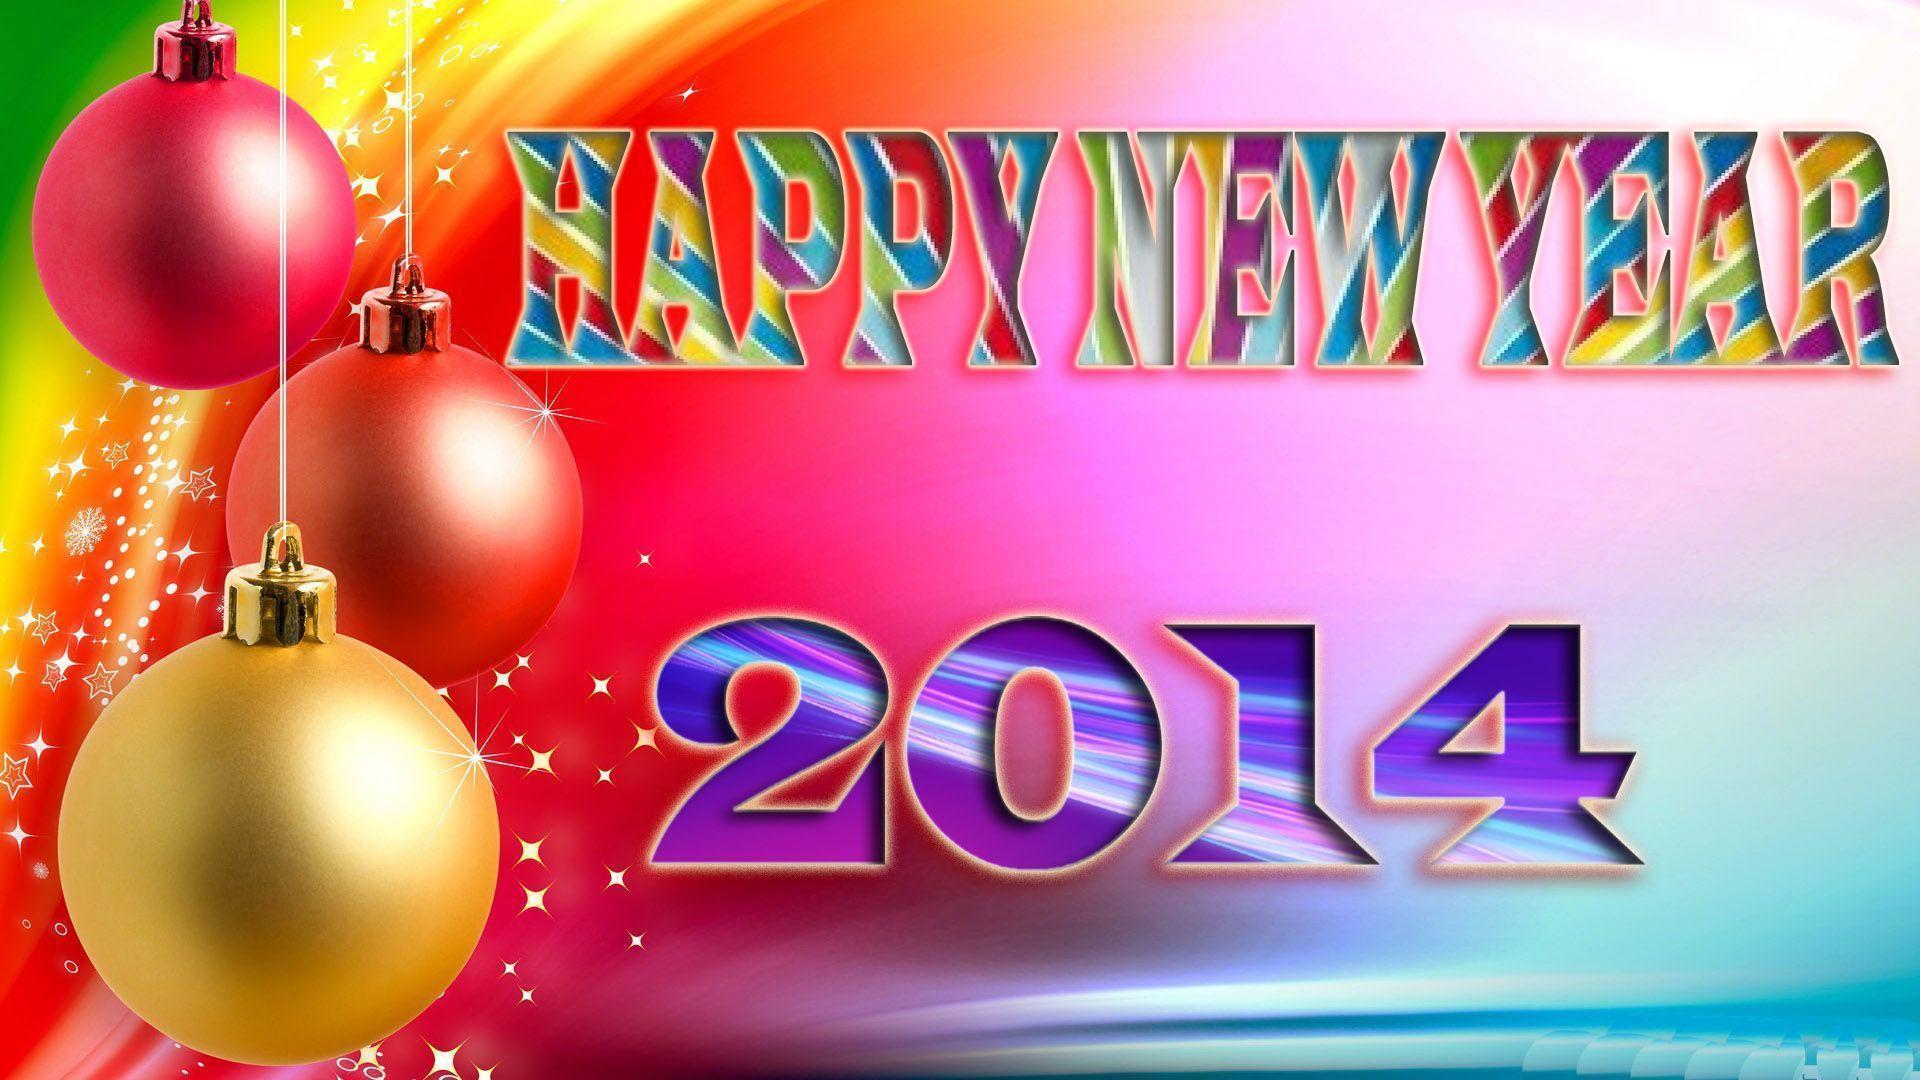 stuffkit beautiful happy new year